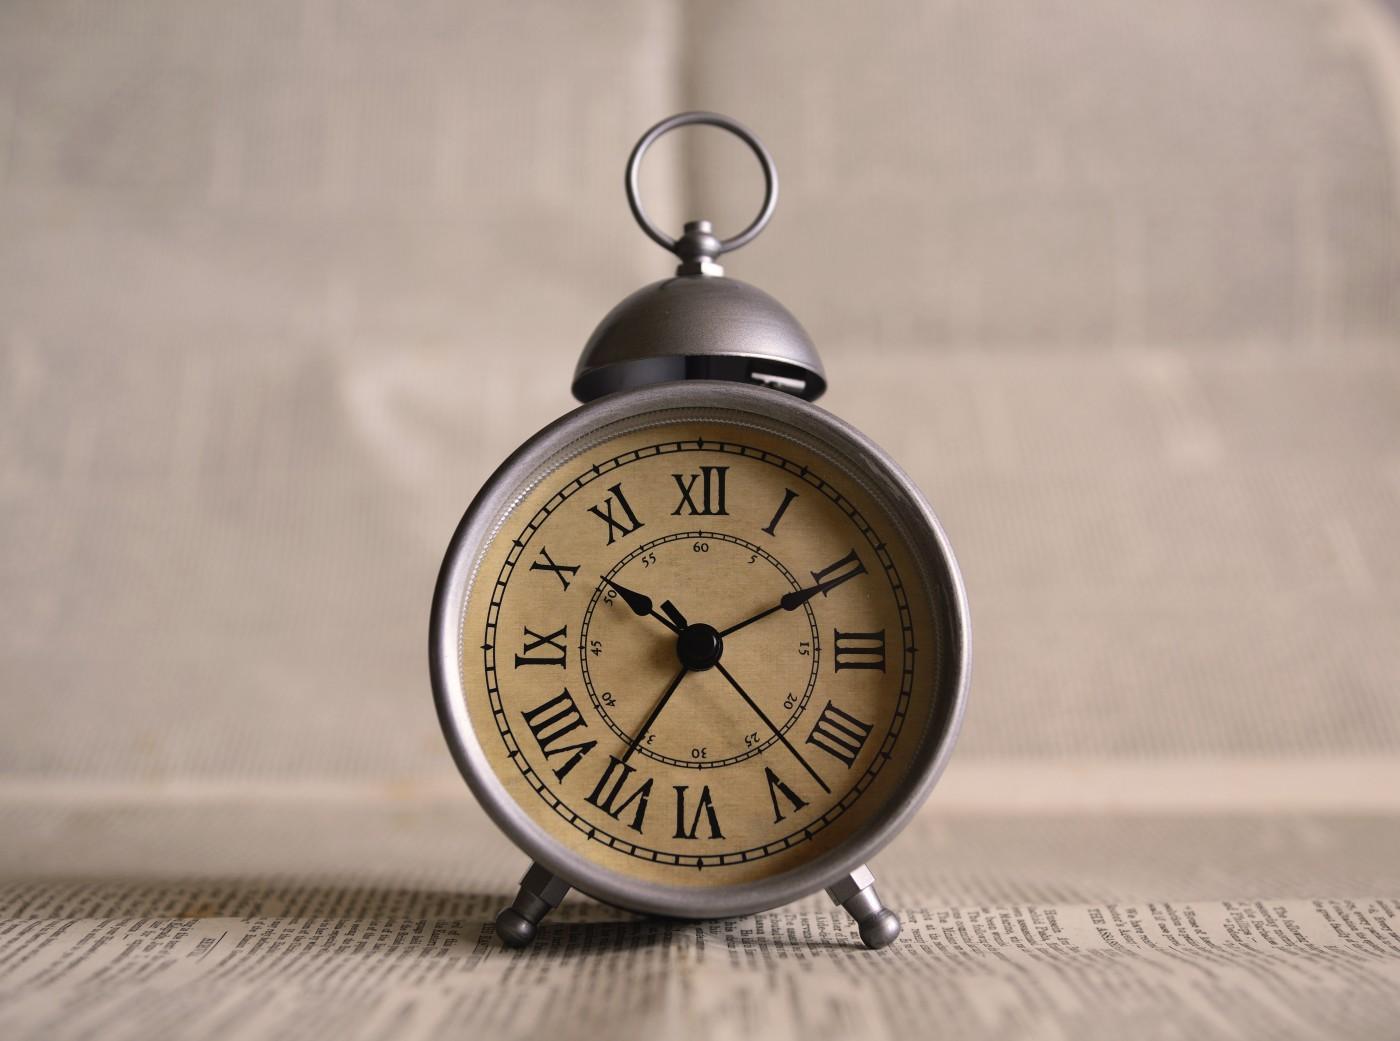 生活加速了,為何時間還是不夠用:科技能解決時間短缺的問題嗎?